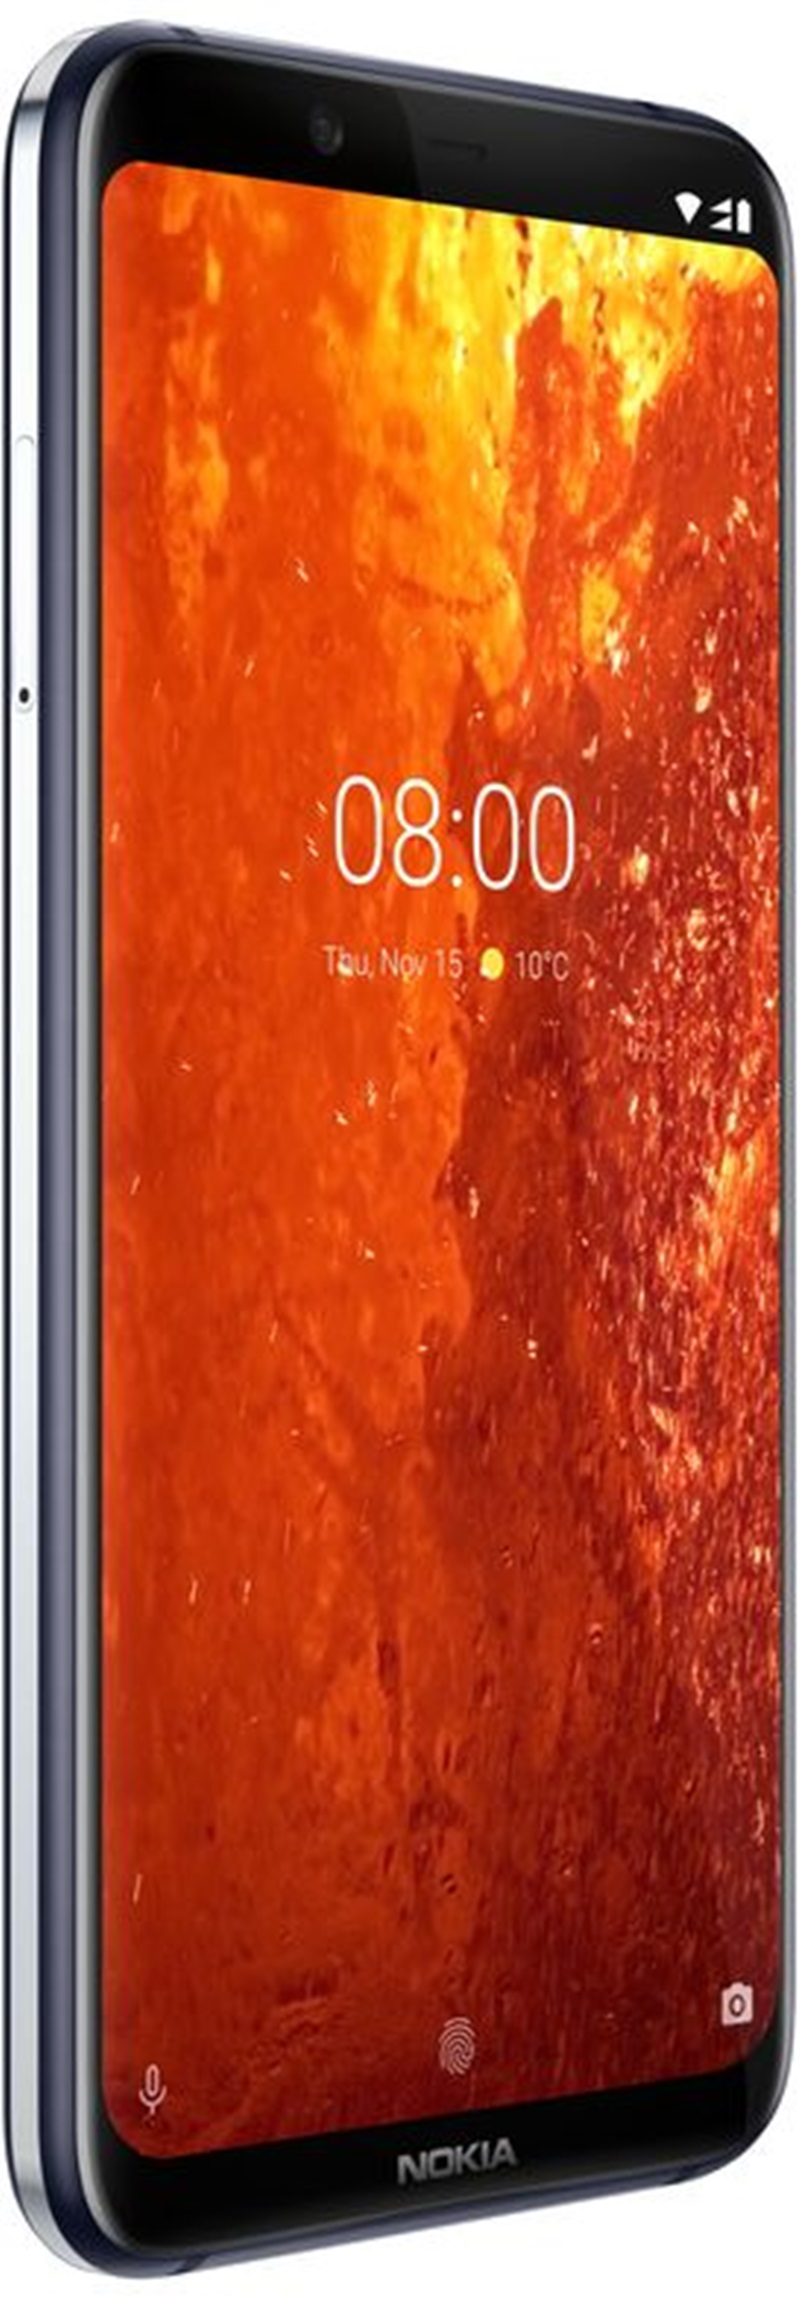 """""""Cứng cáp"""" và """"bóng bẩy"""" là từ mà các nhà bình luận và chuyên về phân tích công nghệ dùng để miêu tả Nokia 8.1 từ trong ra ngoài."""